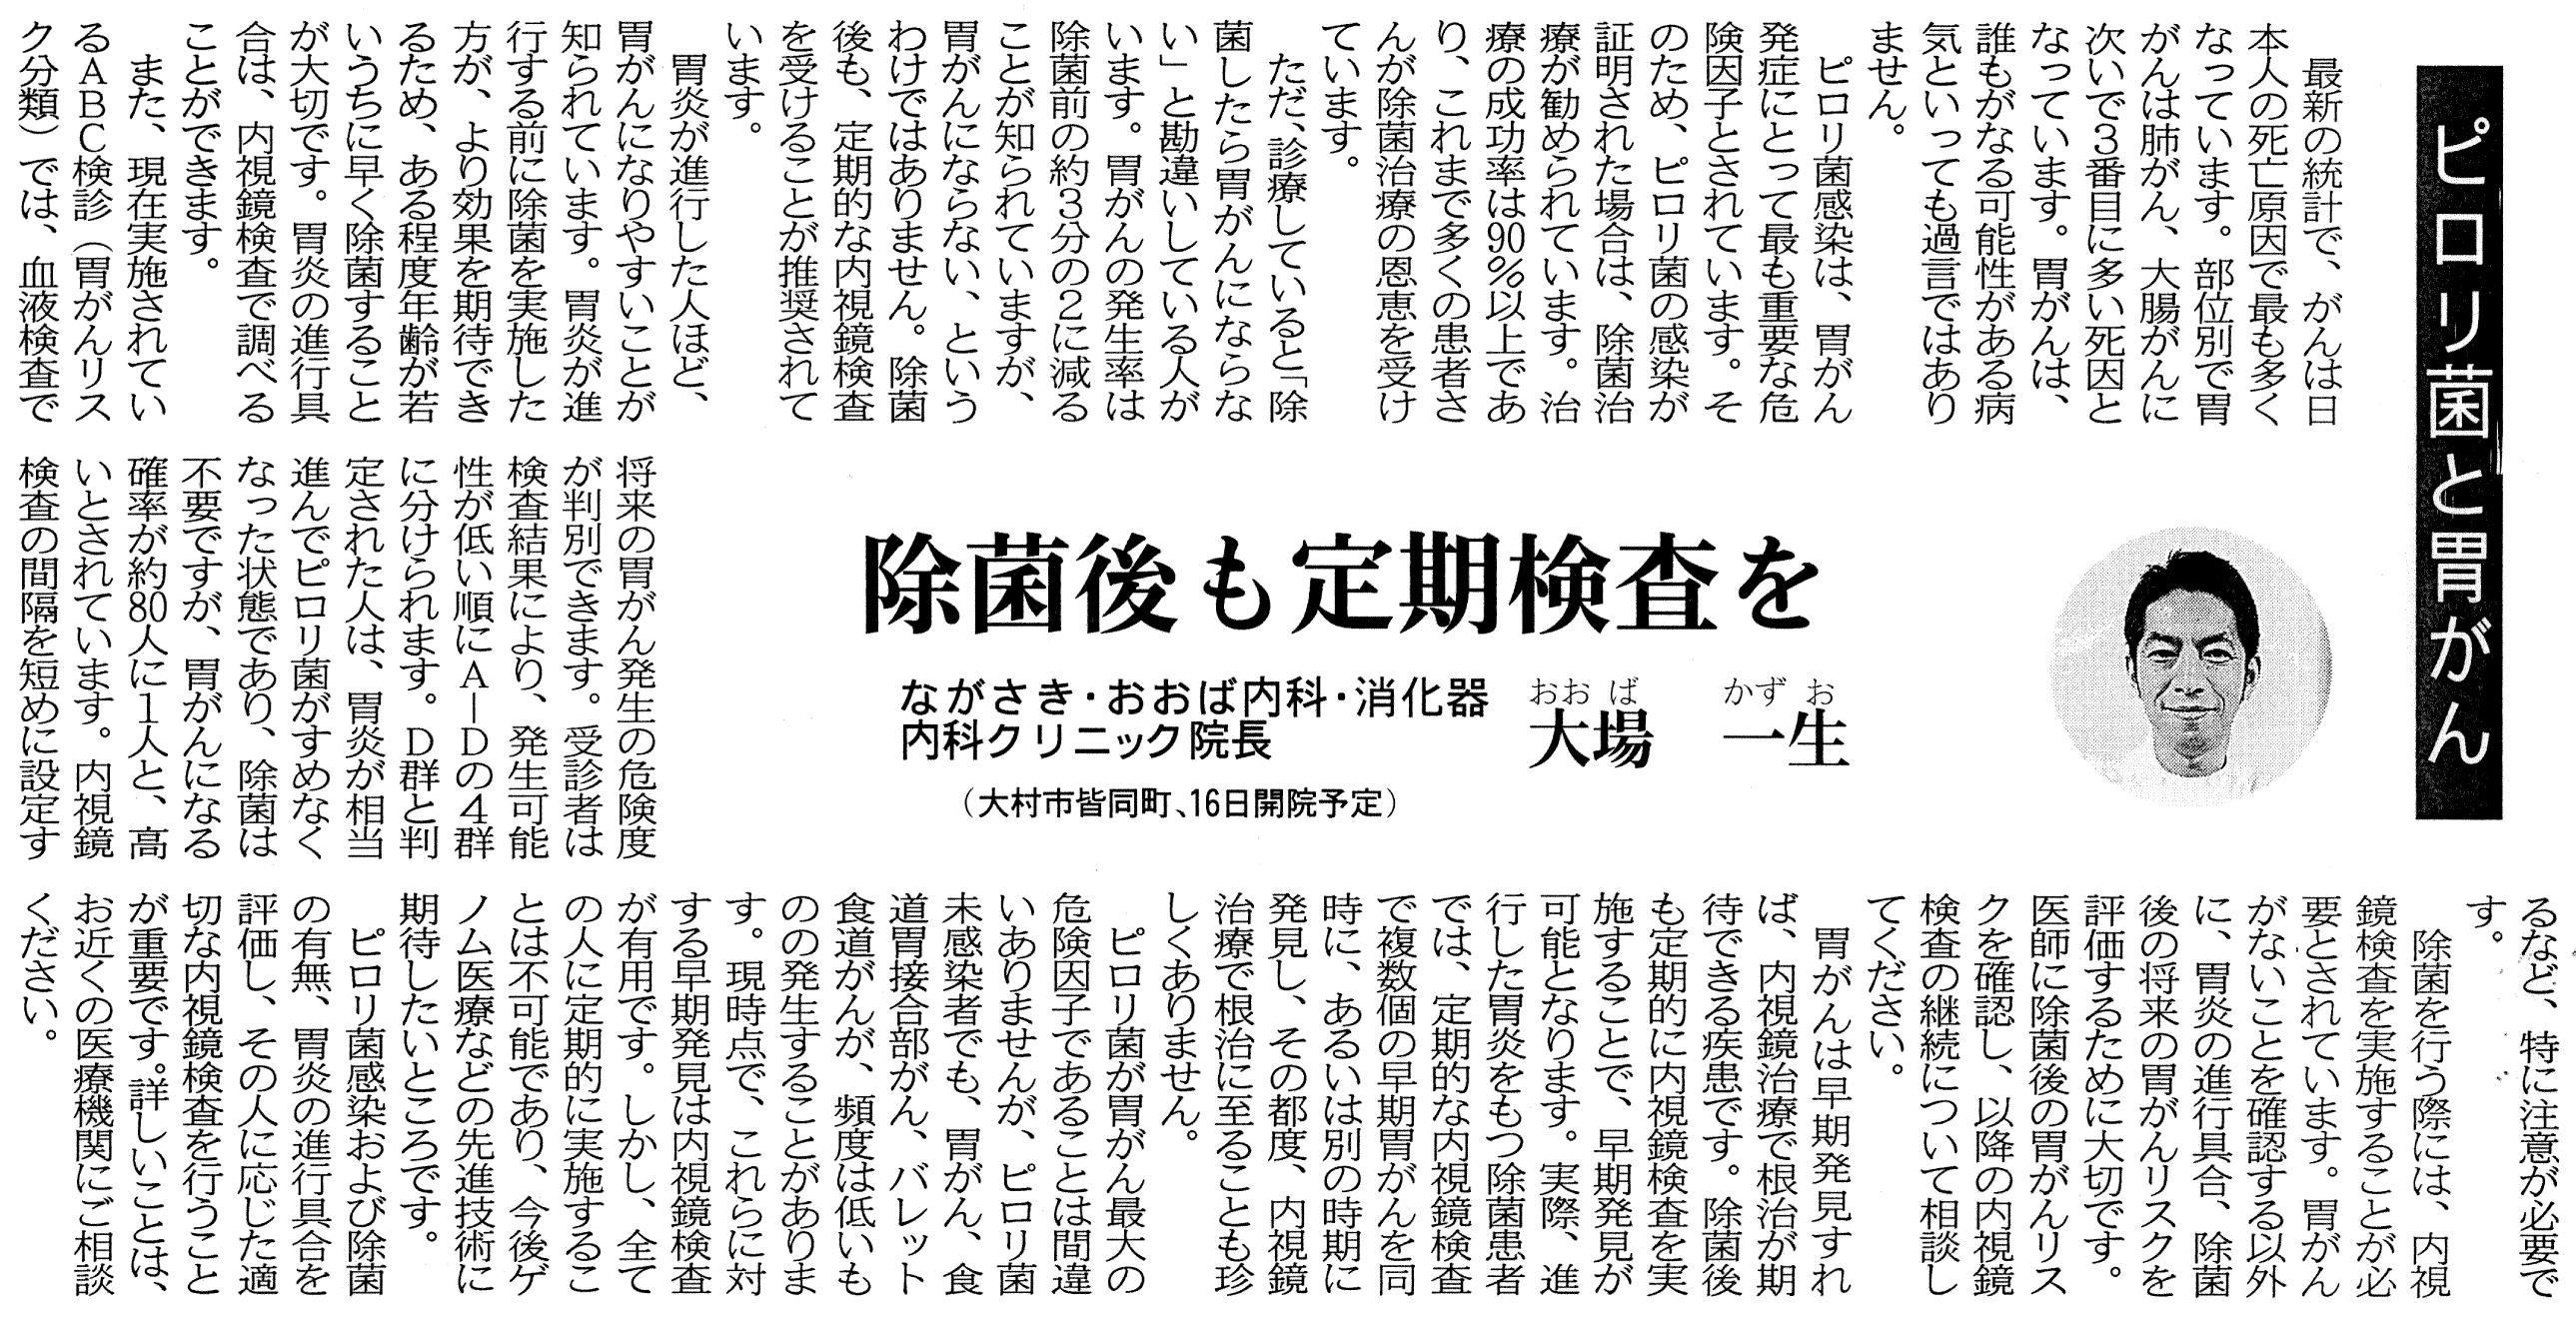 長崎新聞(2020/4/6)